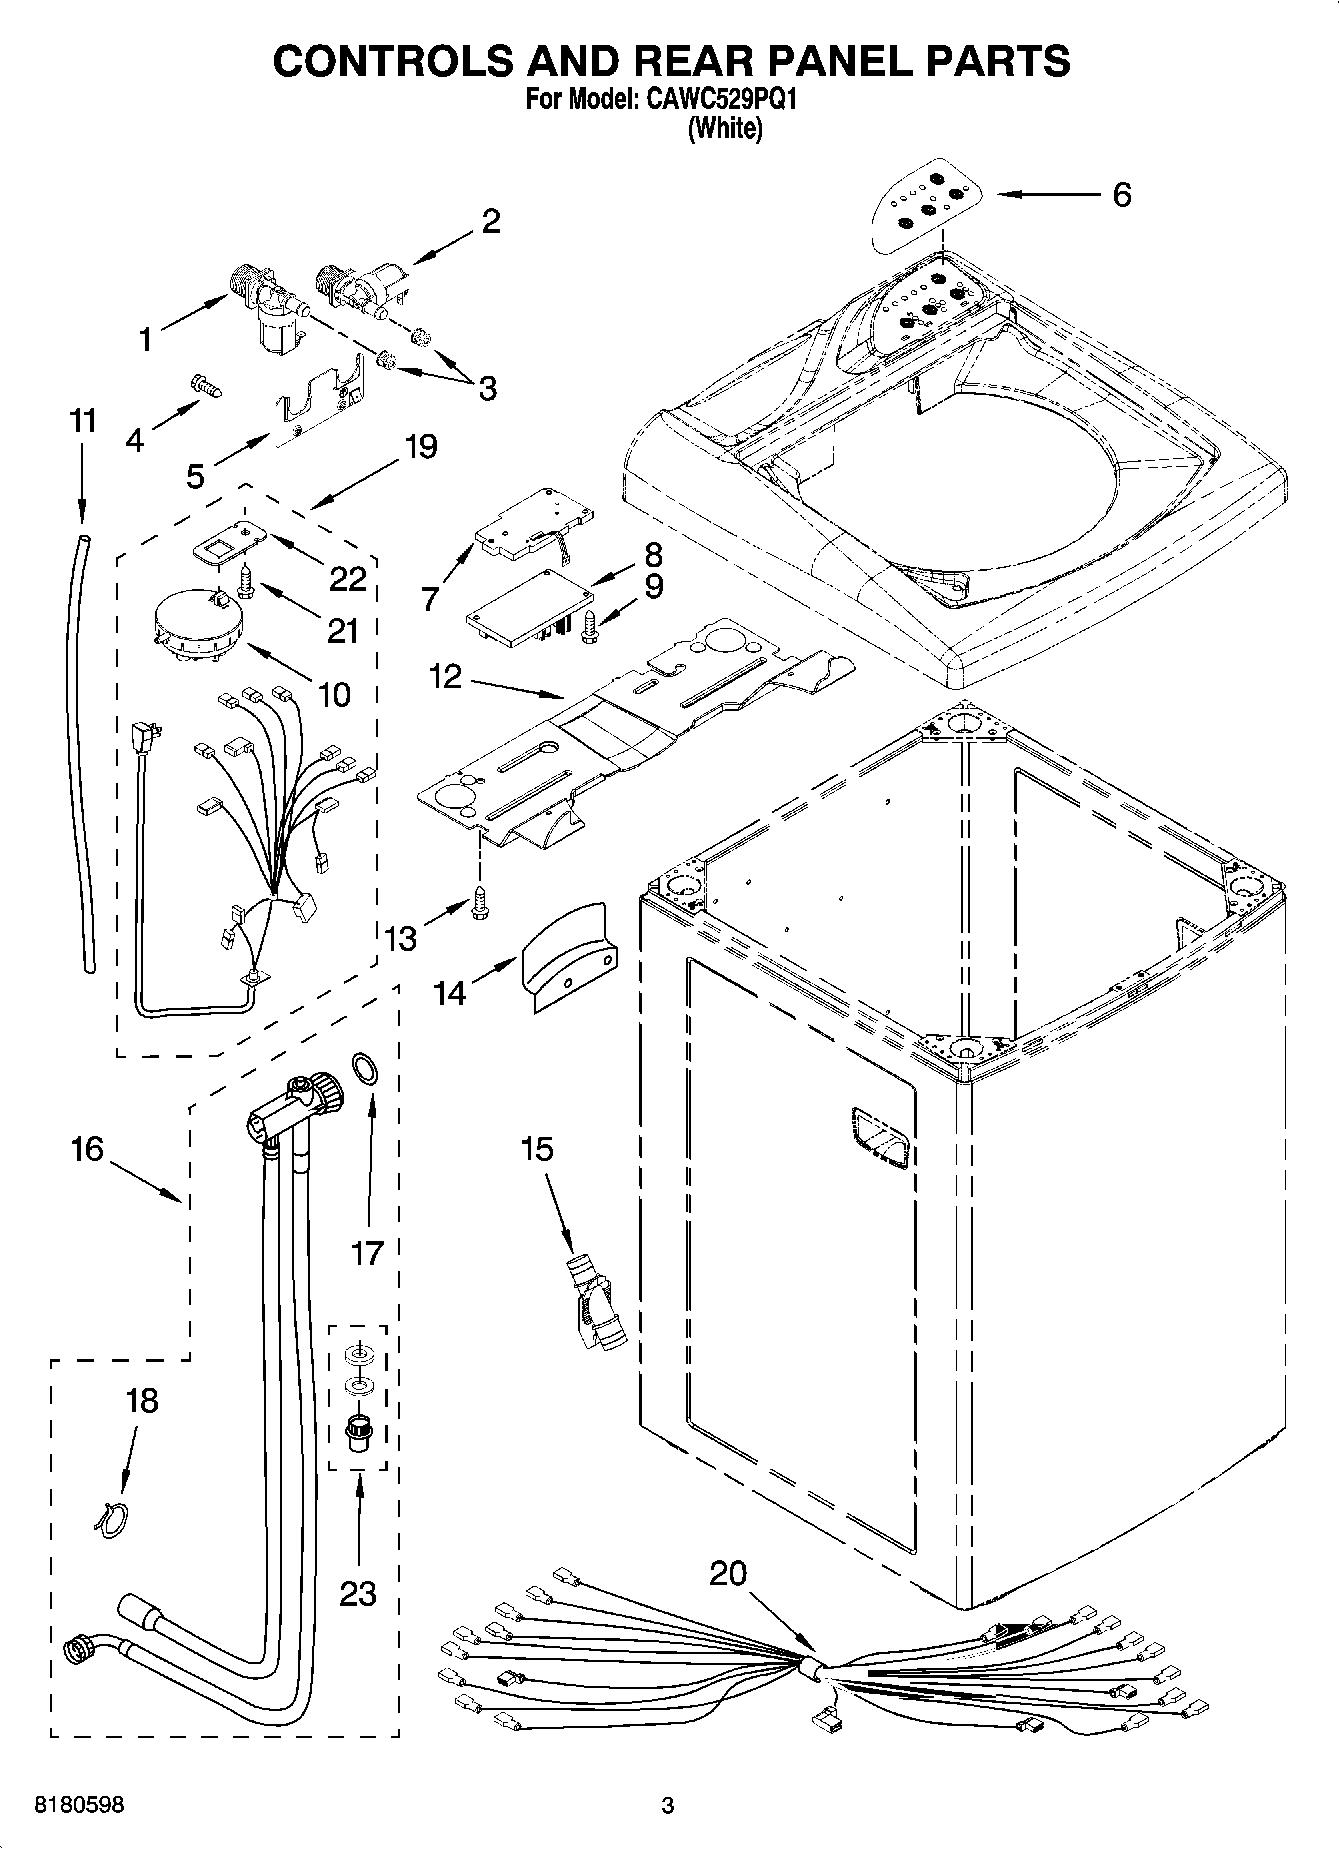 CAWC529PQ1